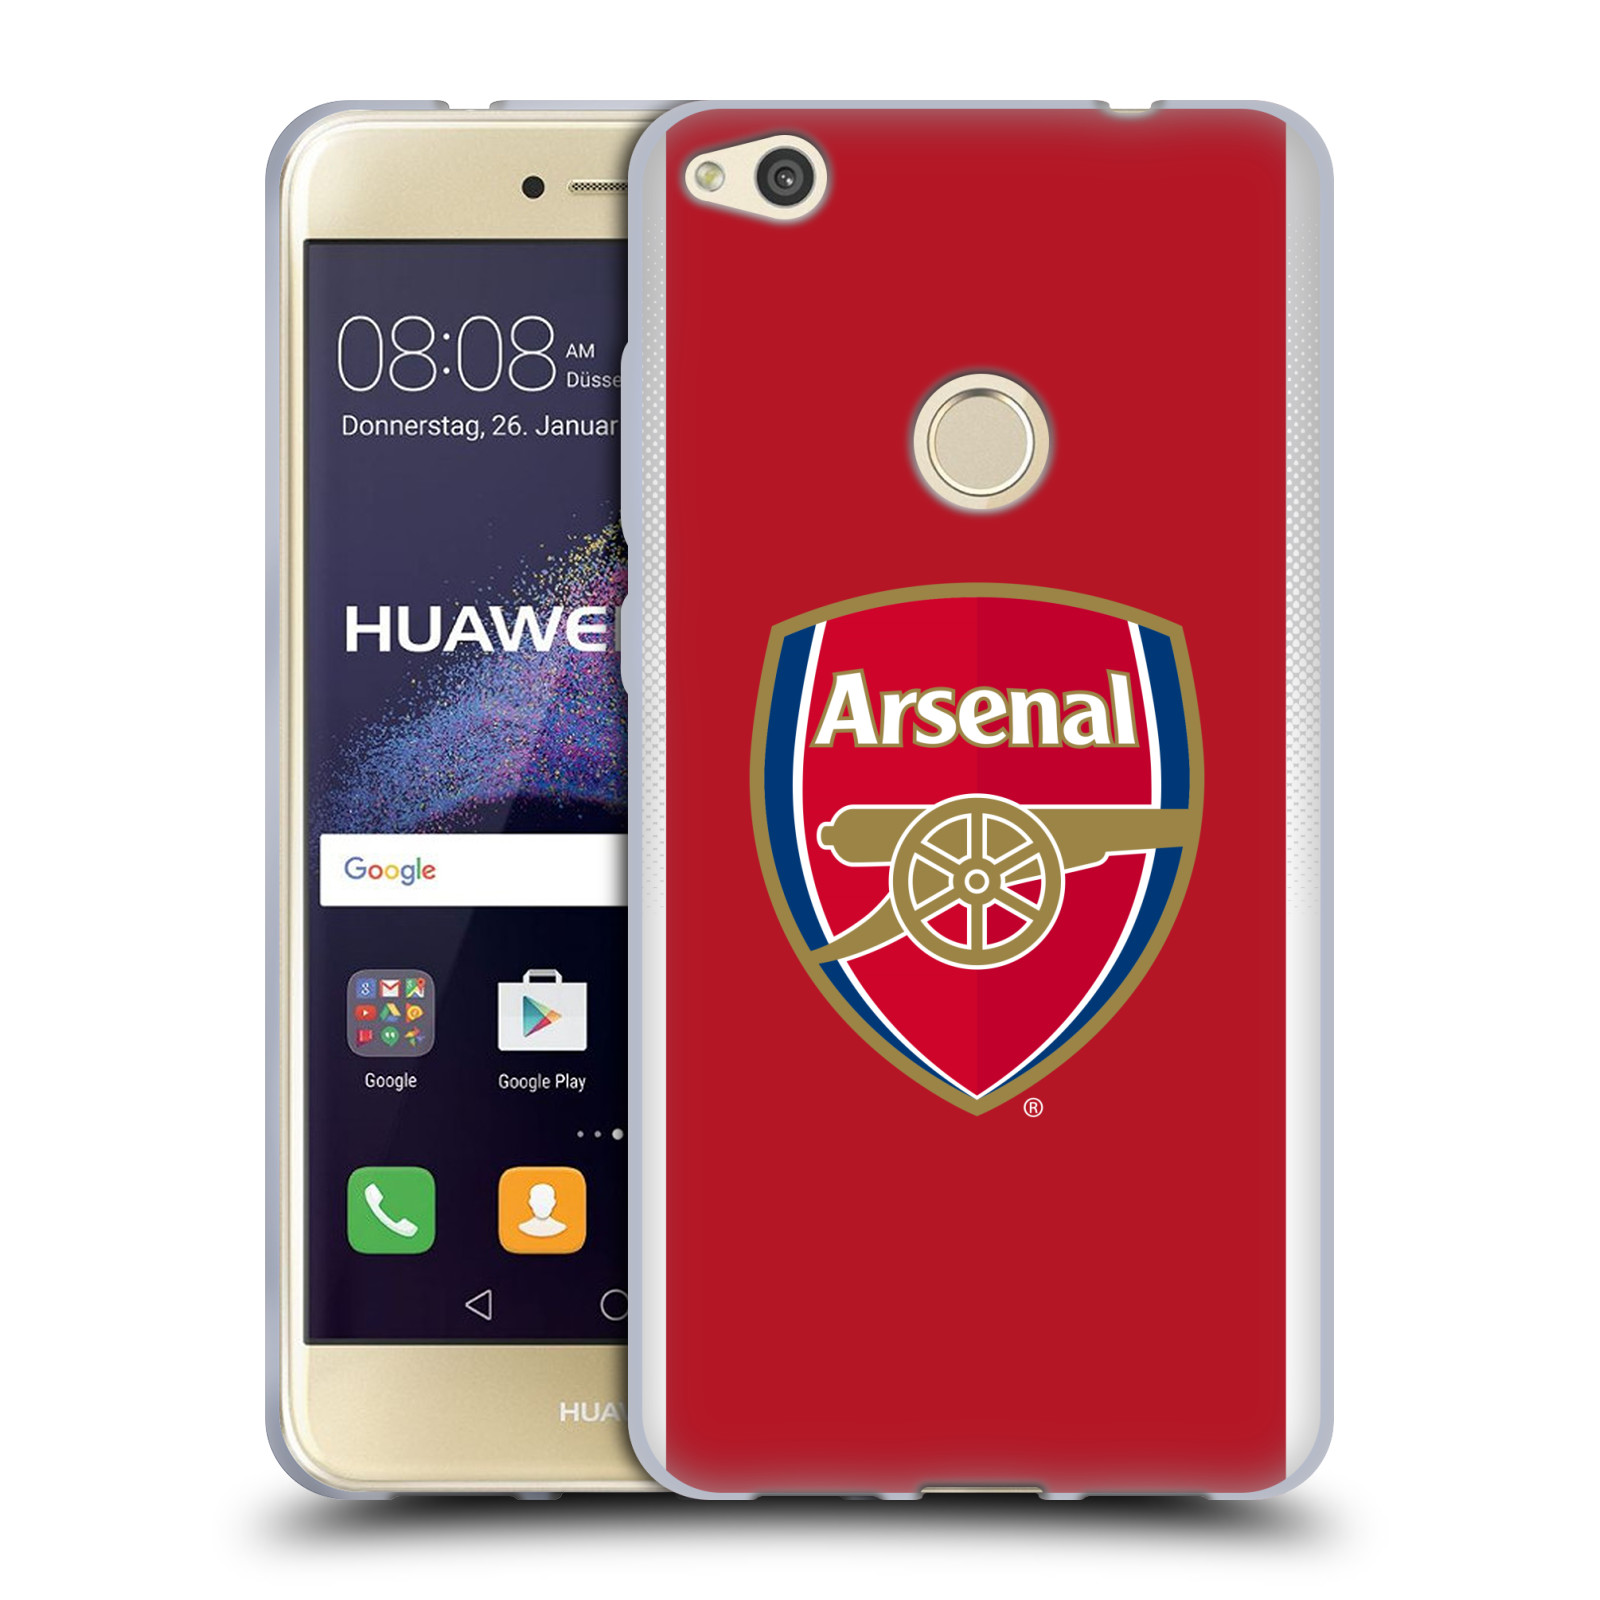 Silikonové pouzdro na mobil Huawei P9 Lite (2017) - Head Case - Arsenal FC - Logo klubu